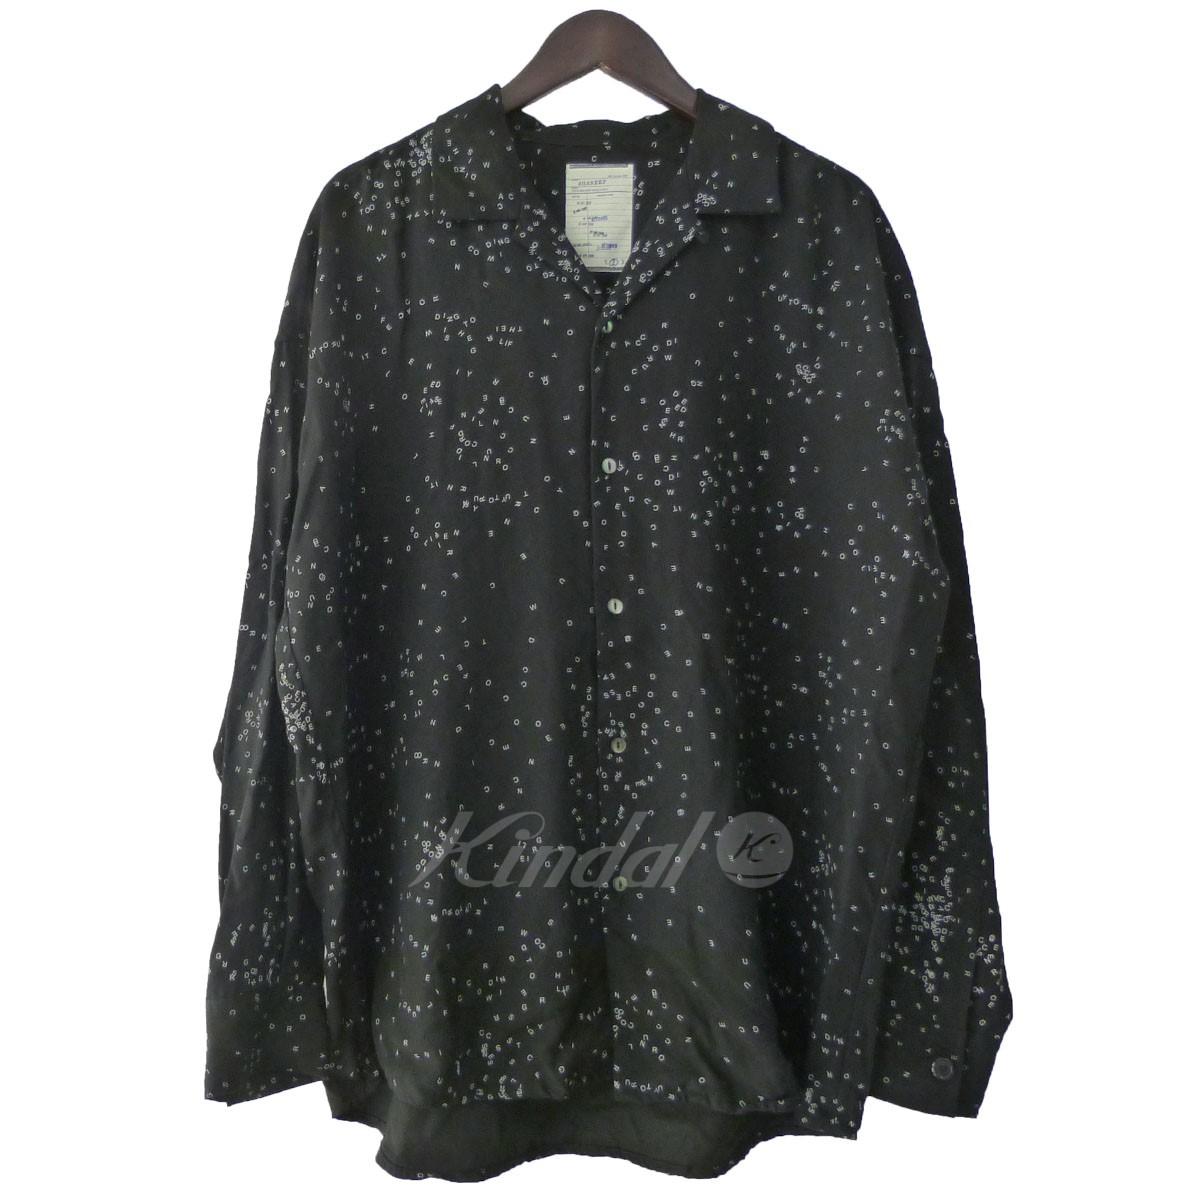 【中古】shareef オープンカラーシャツ ブラック サイズ:2 【送料無料】 【131118】(シャリーフ)